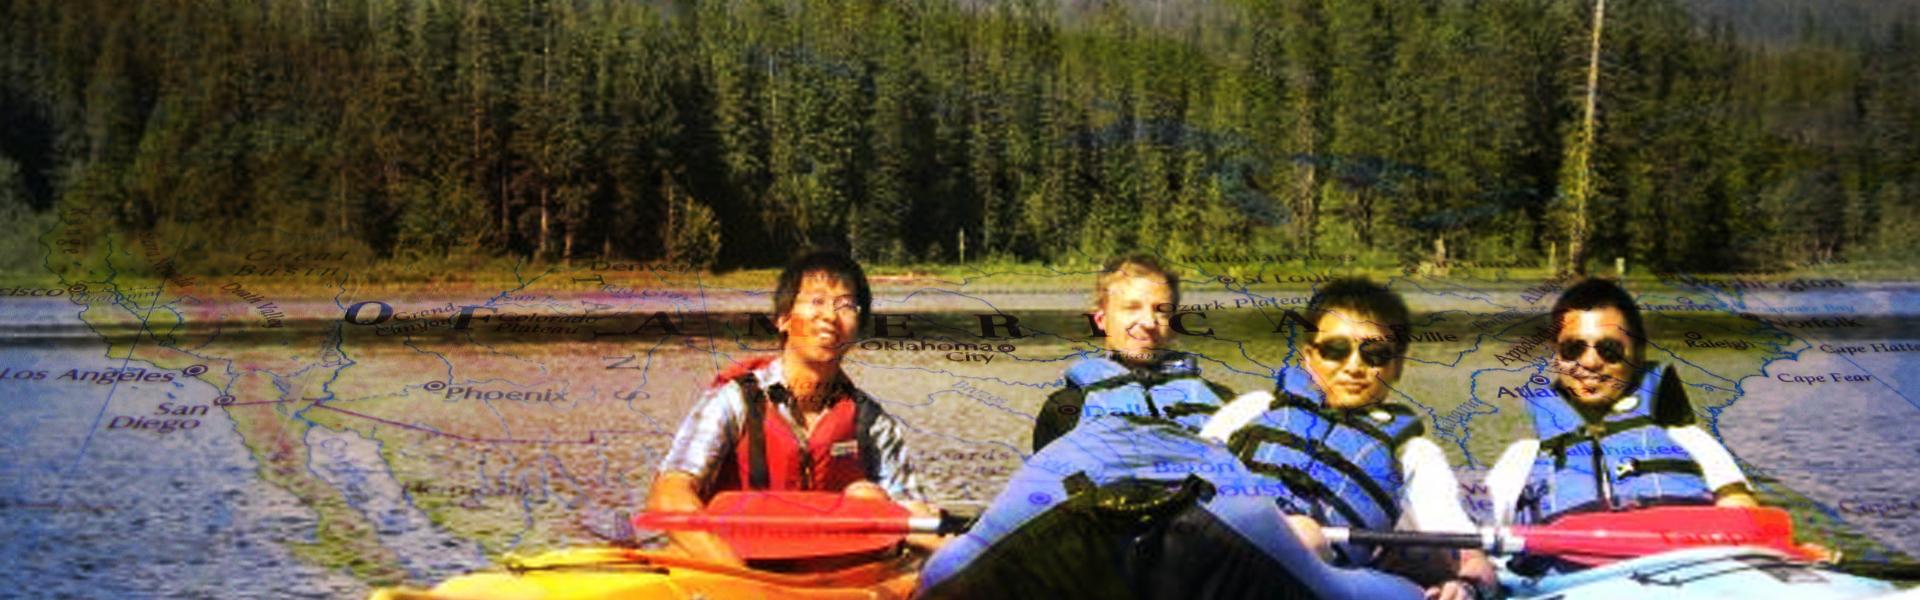 Research team kayaking